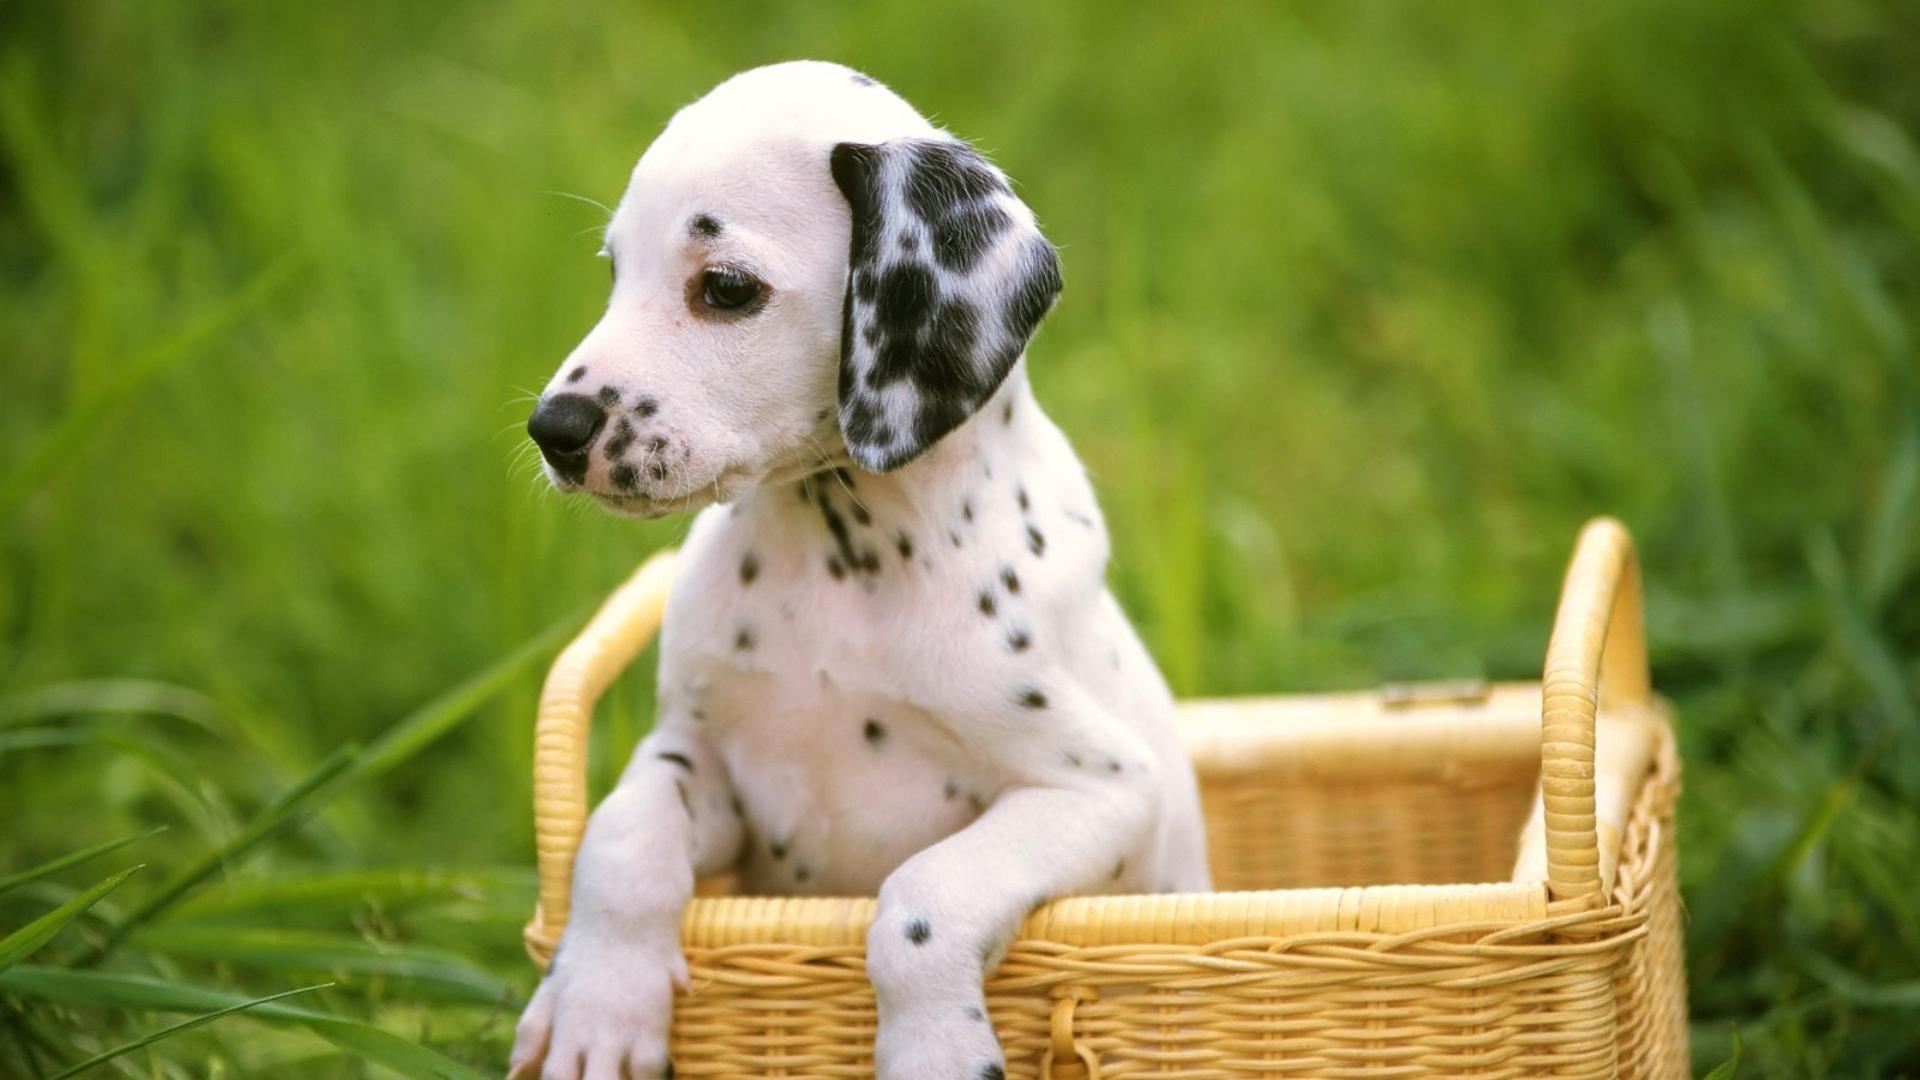 cute puppy wallpaper 25748